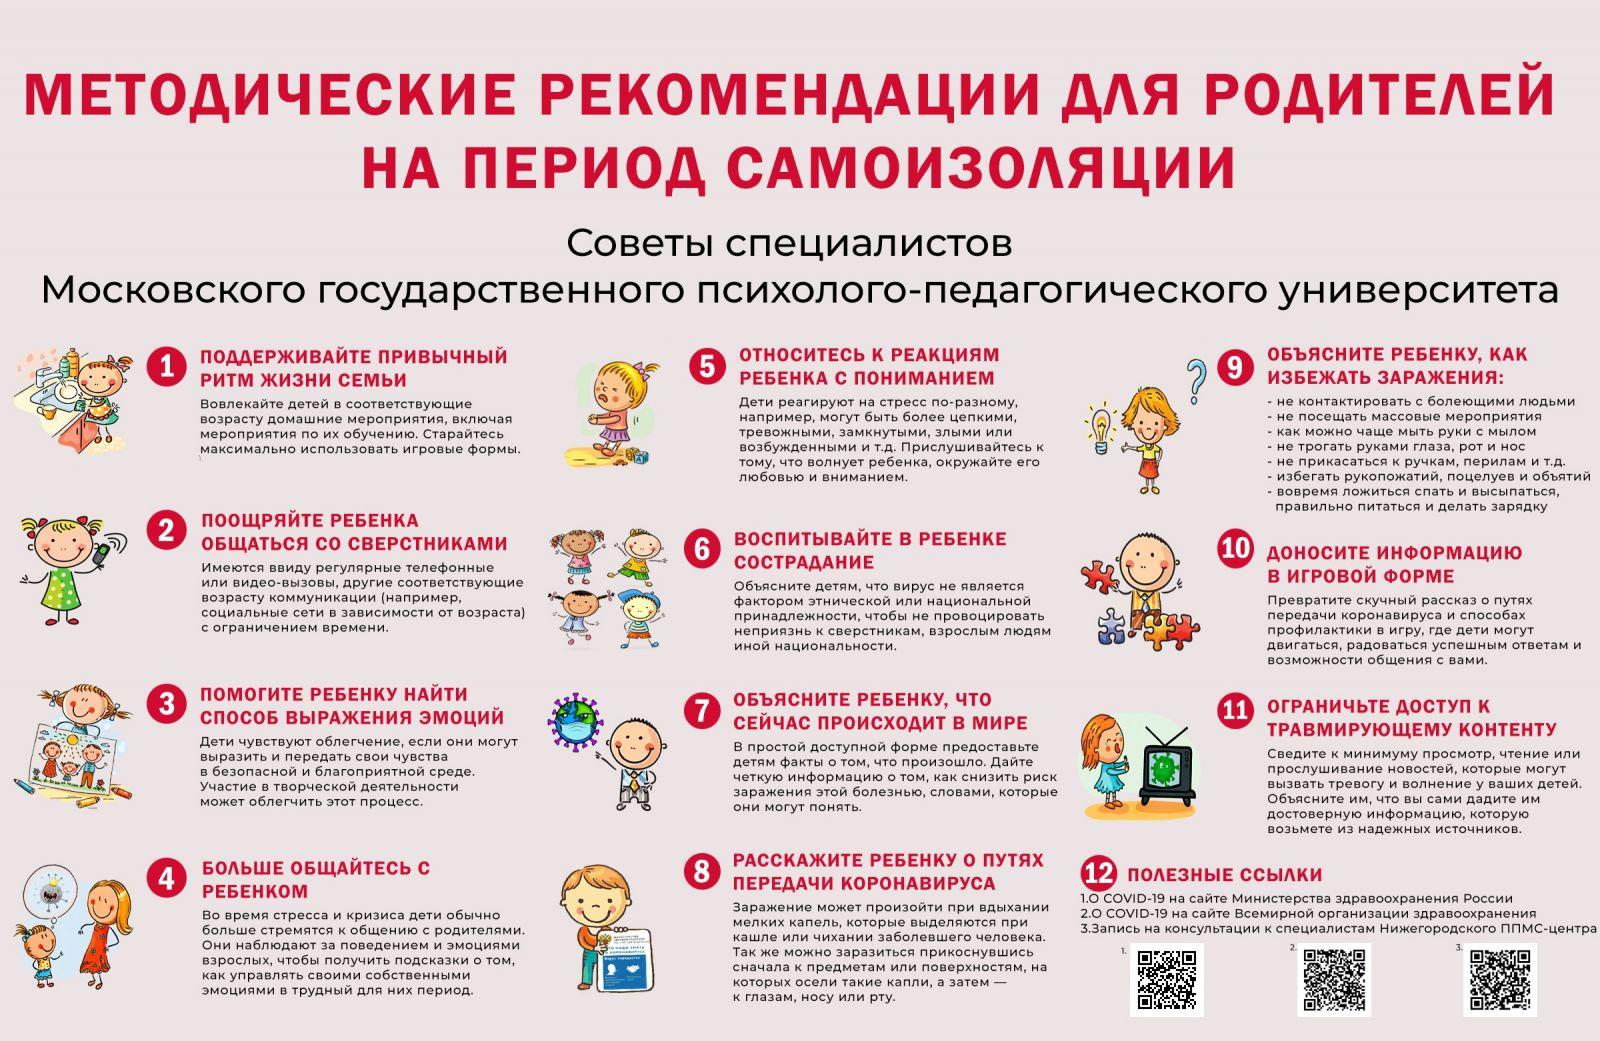 10 вопросов, на которые ребенок не должен отвечать посторонним (и даже знакомым людям)